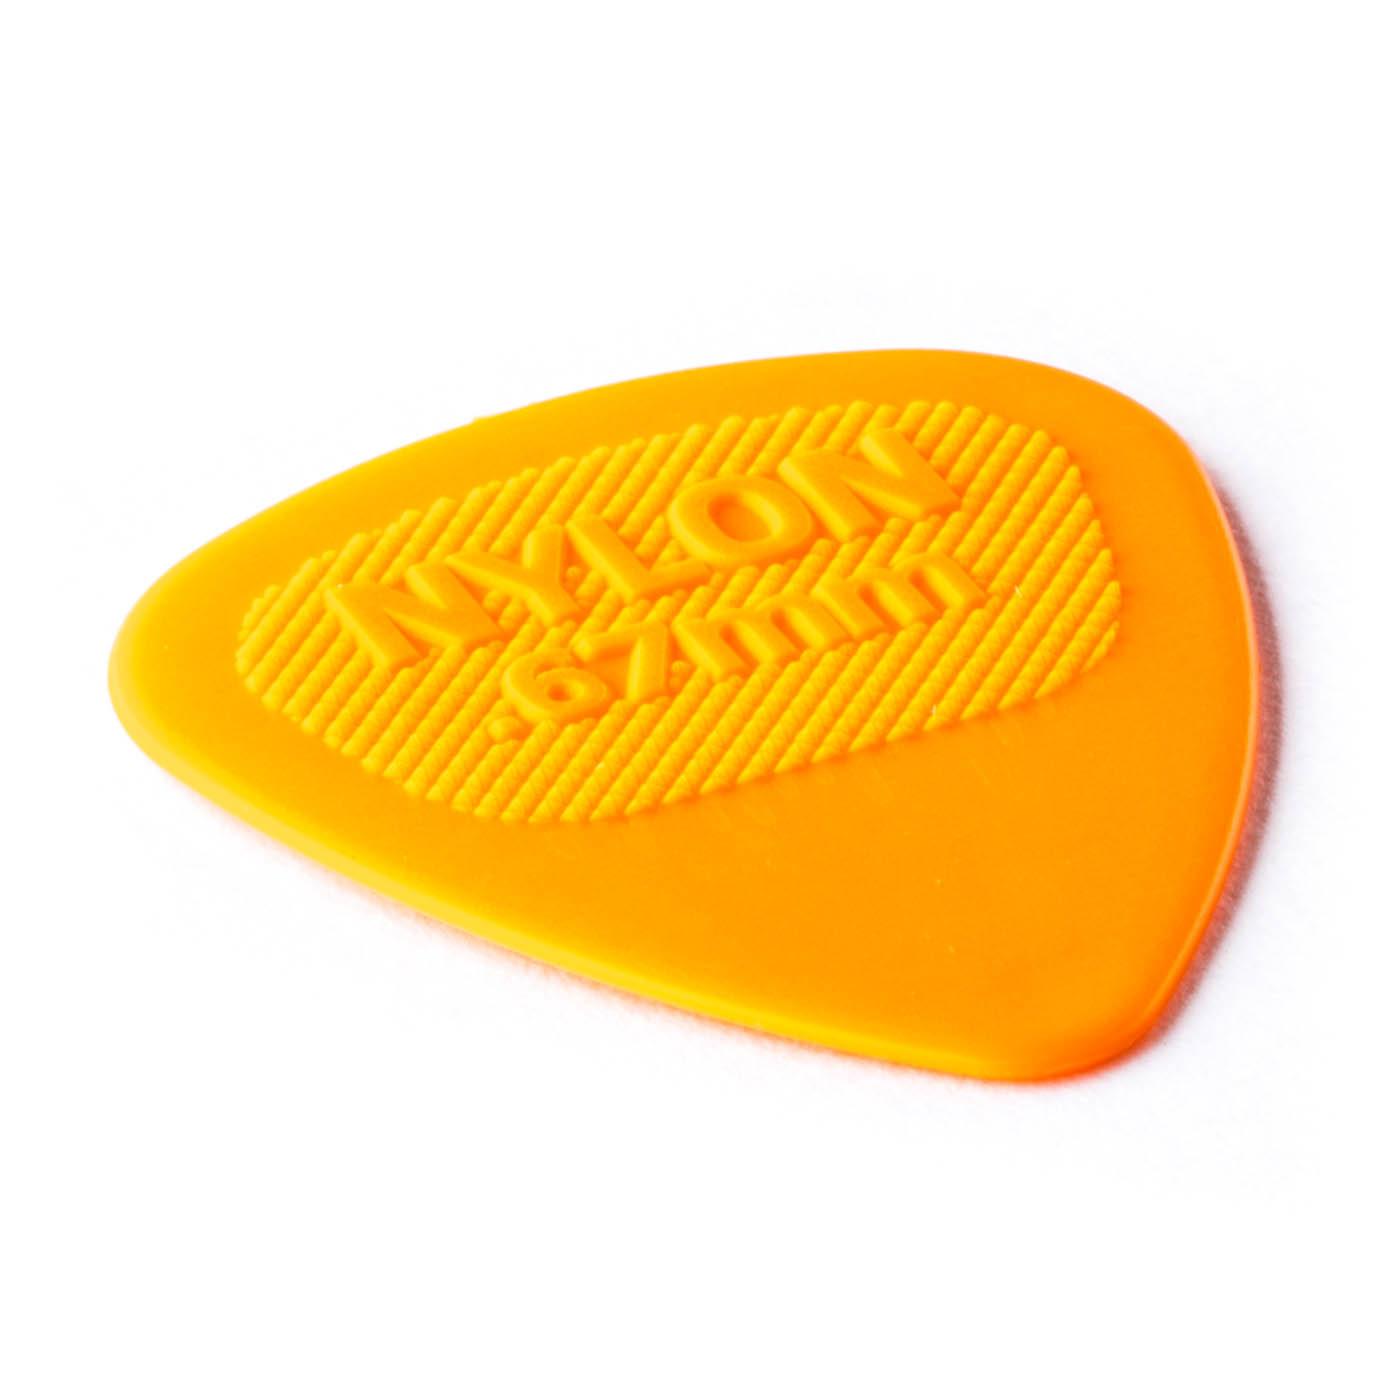 Dunlop - Nylon Midi 0,67 orange